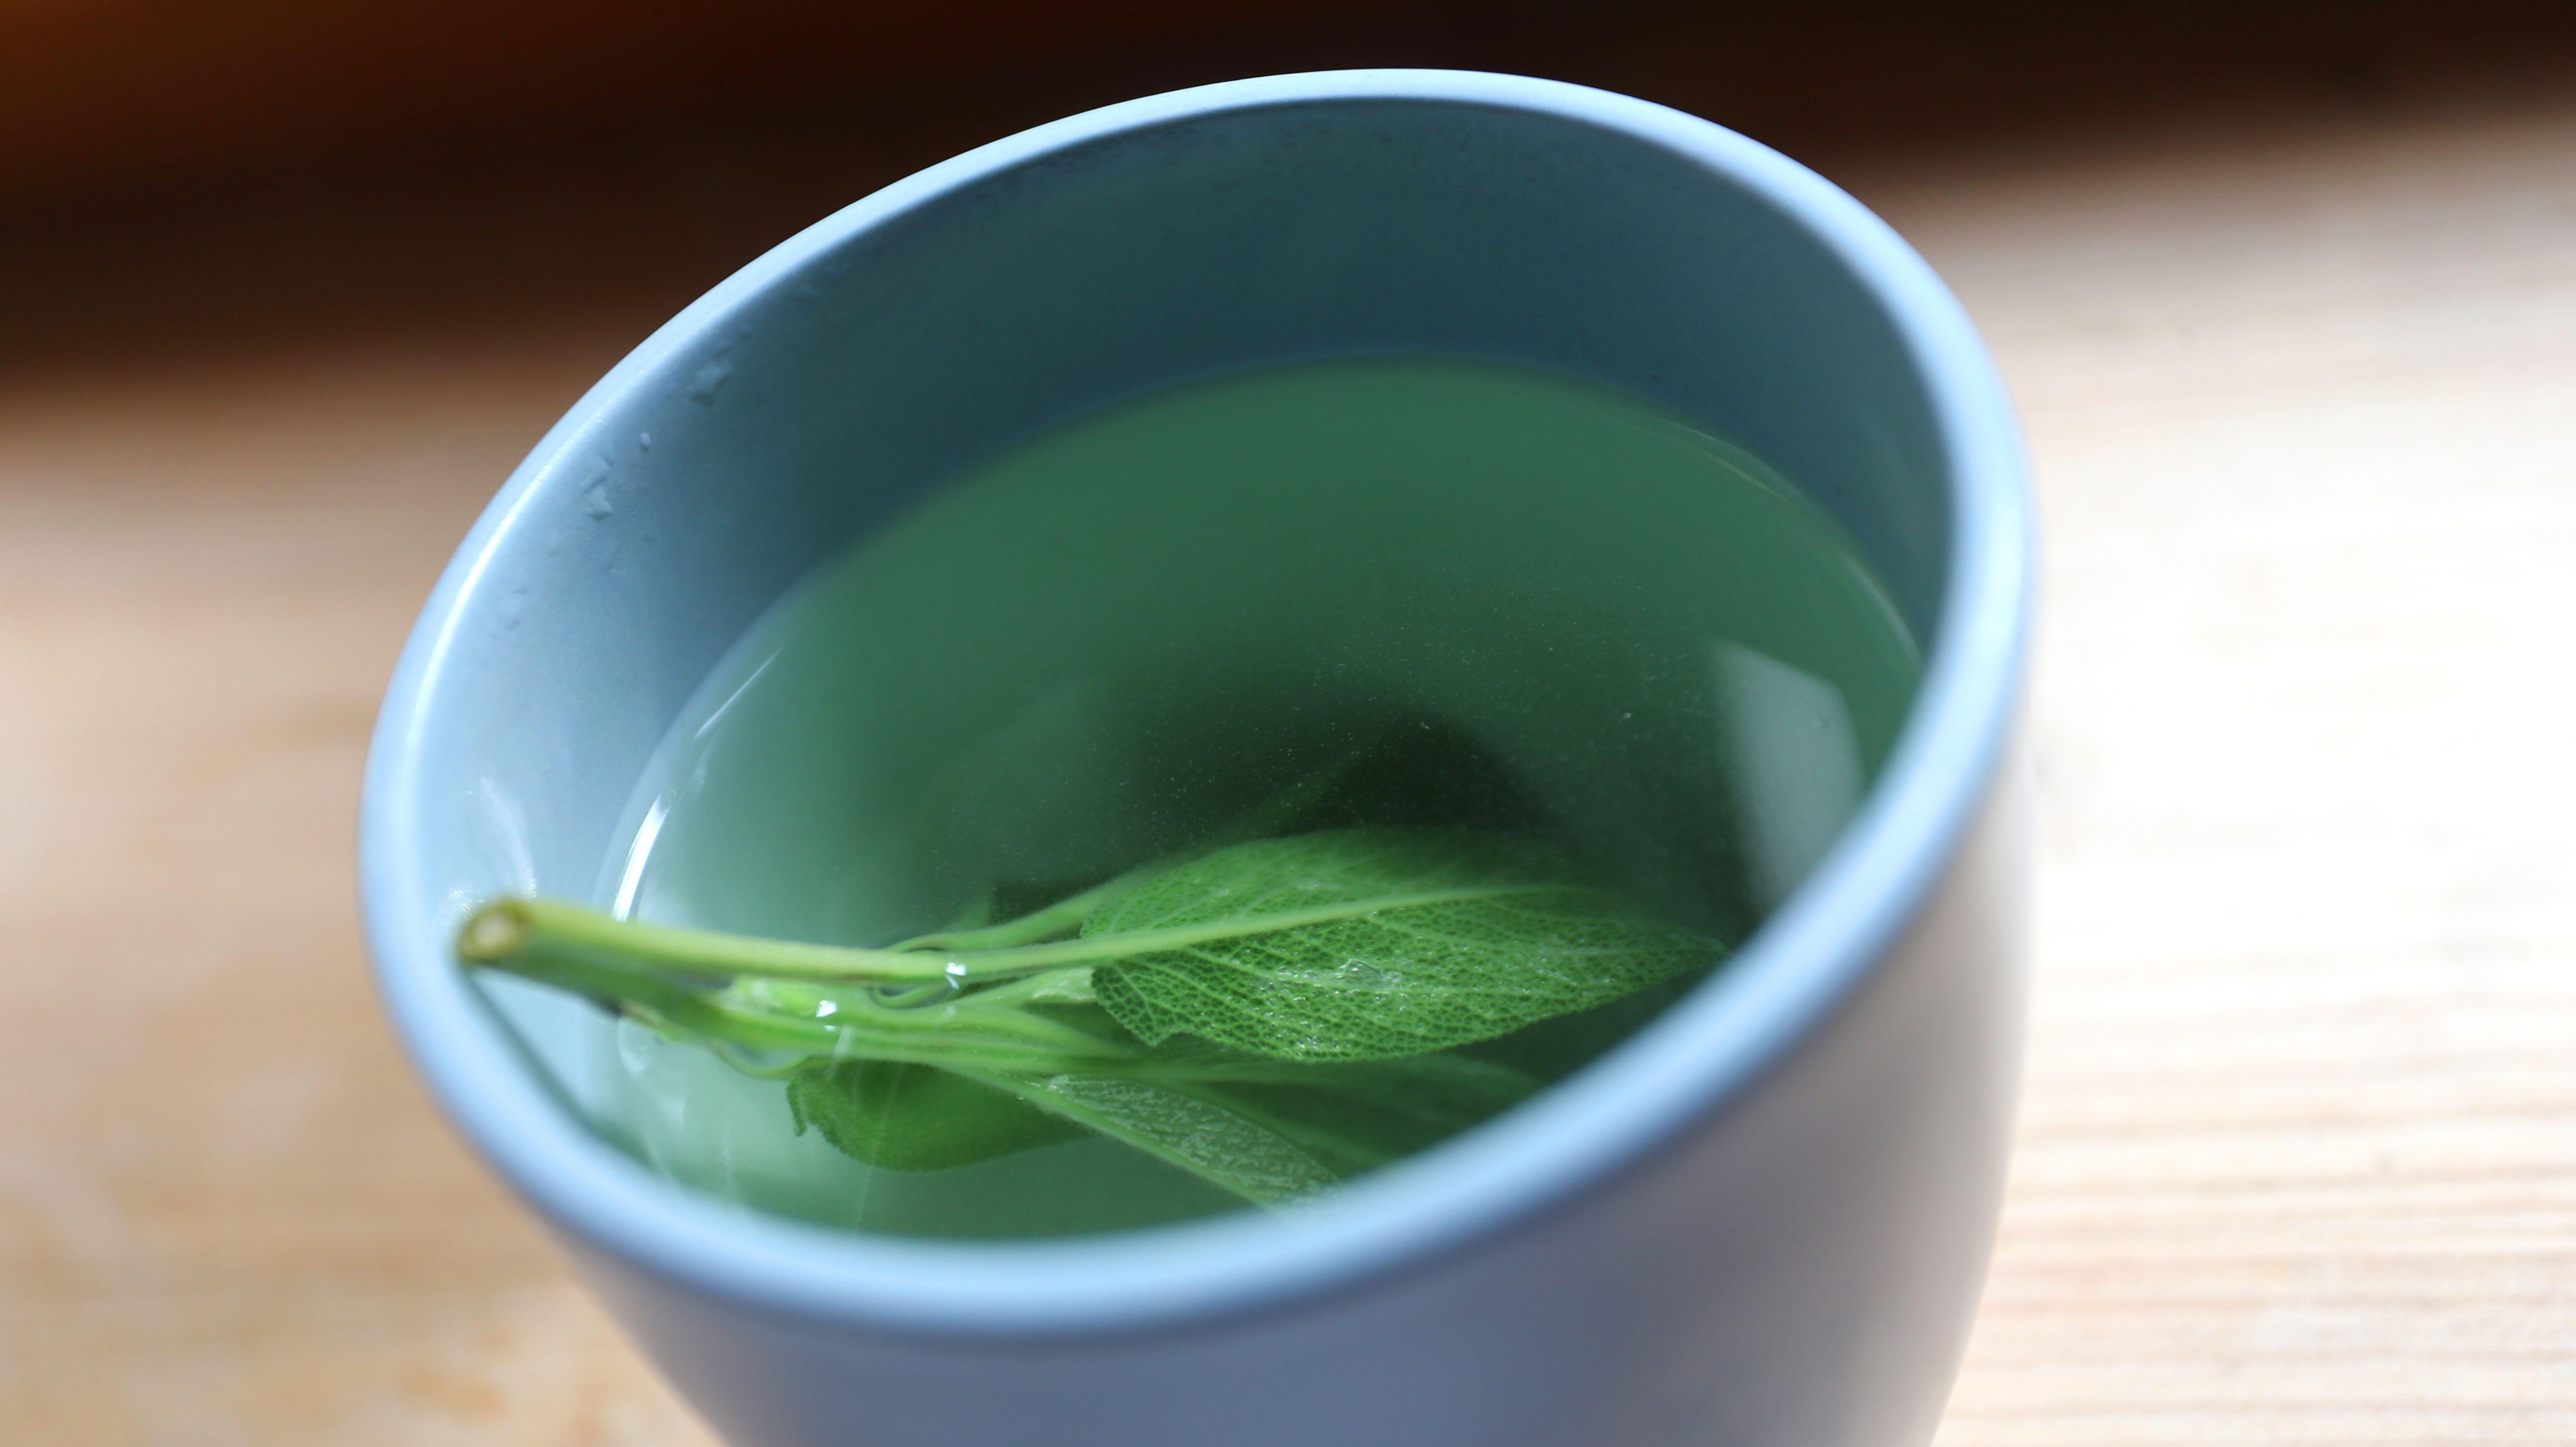 Salbeiblätter in einer Tasse mit Wasser